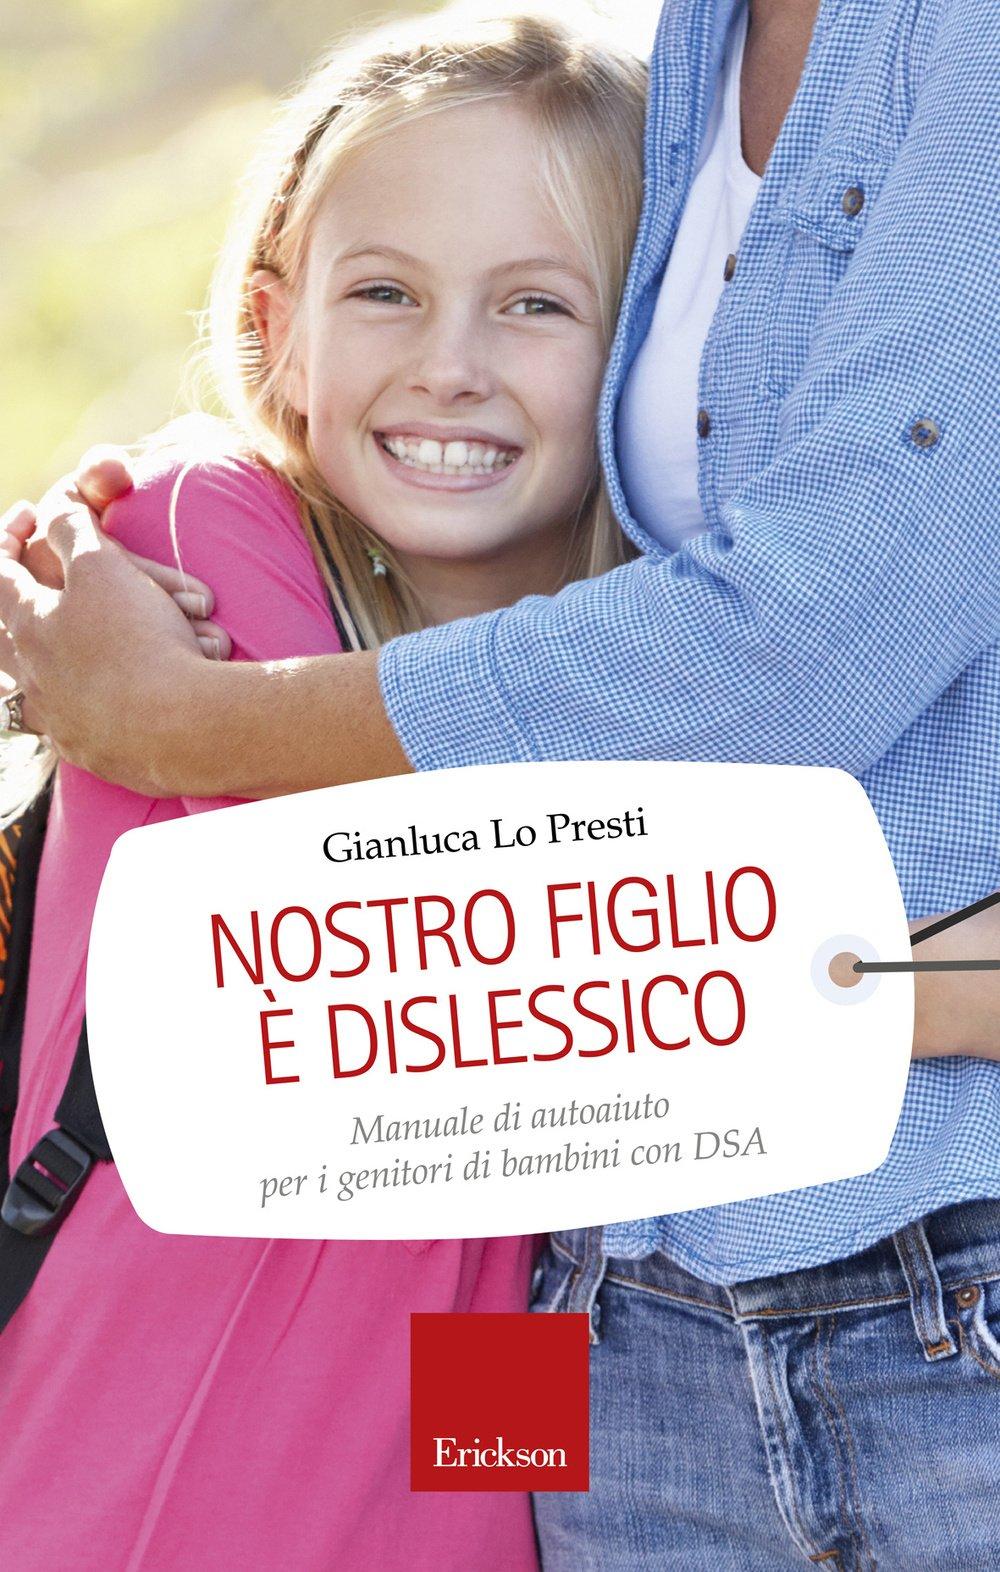 Amazon It Nostro Figlio E Dislessico Manuale Di Autoaiuto Per I Genitori Di Bambini Con Dsa Lo Presti Gianluca Libri